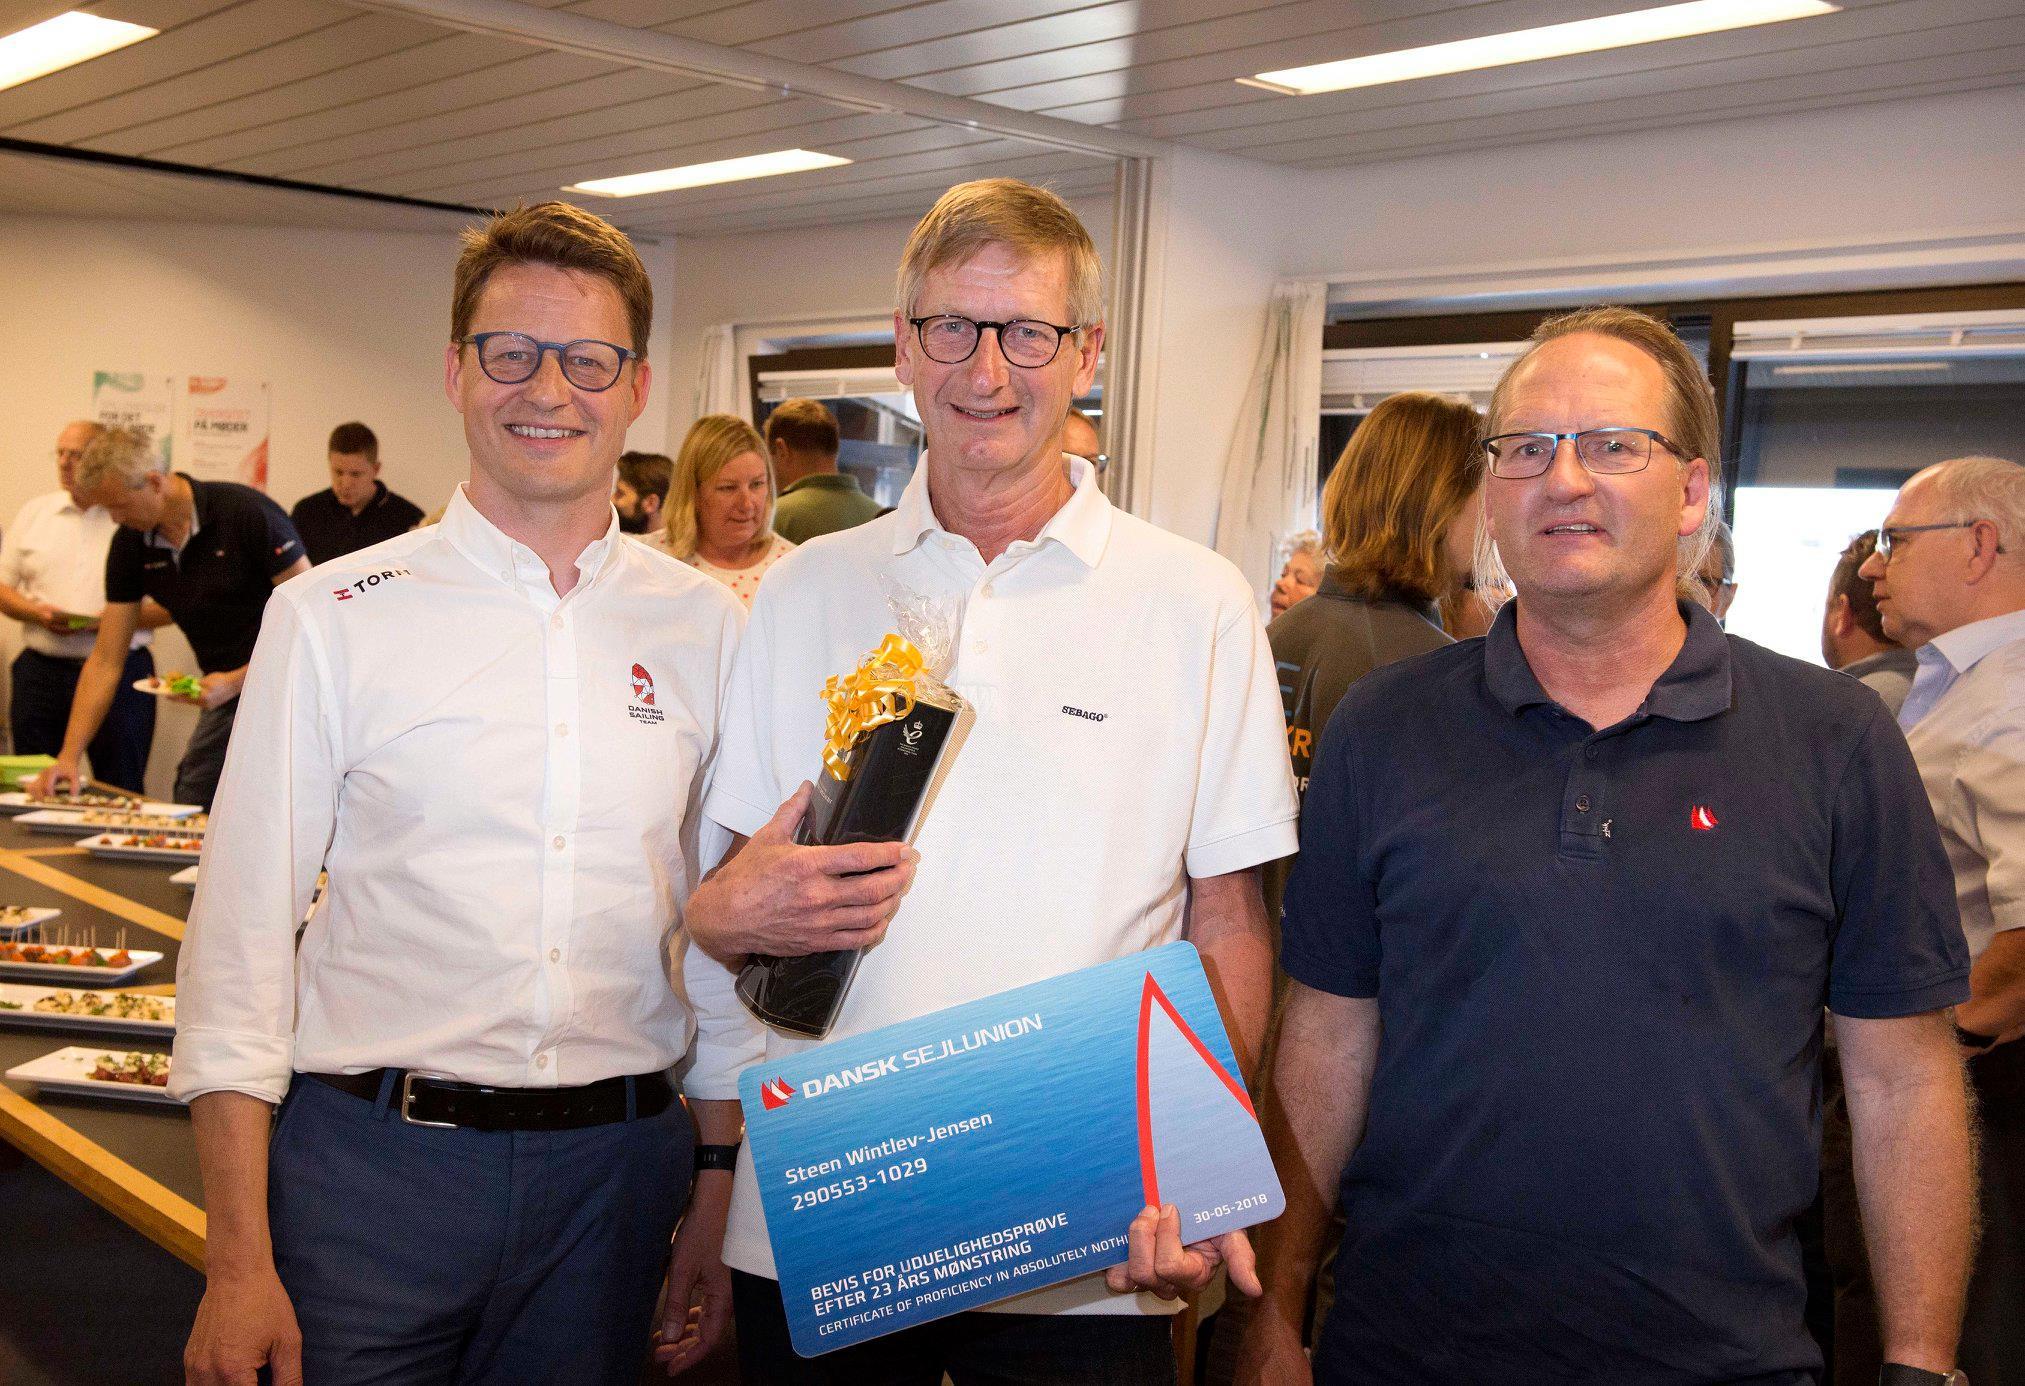 Steen Wintlev i midten - med bestyrelsesmedlem i Dansk Sejlunion, Christian Sparre Hangel, til højre og generalsekretær Mads Kolte-Olsen til venstre.